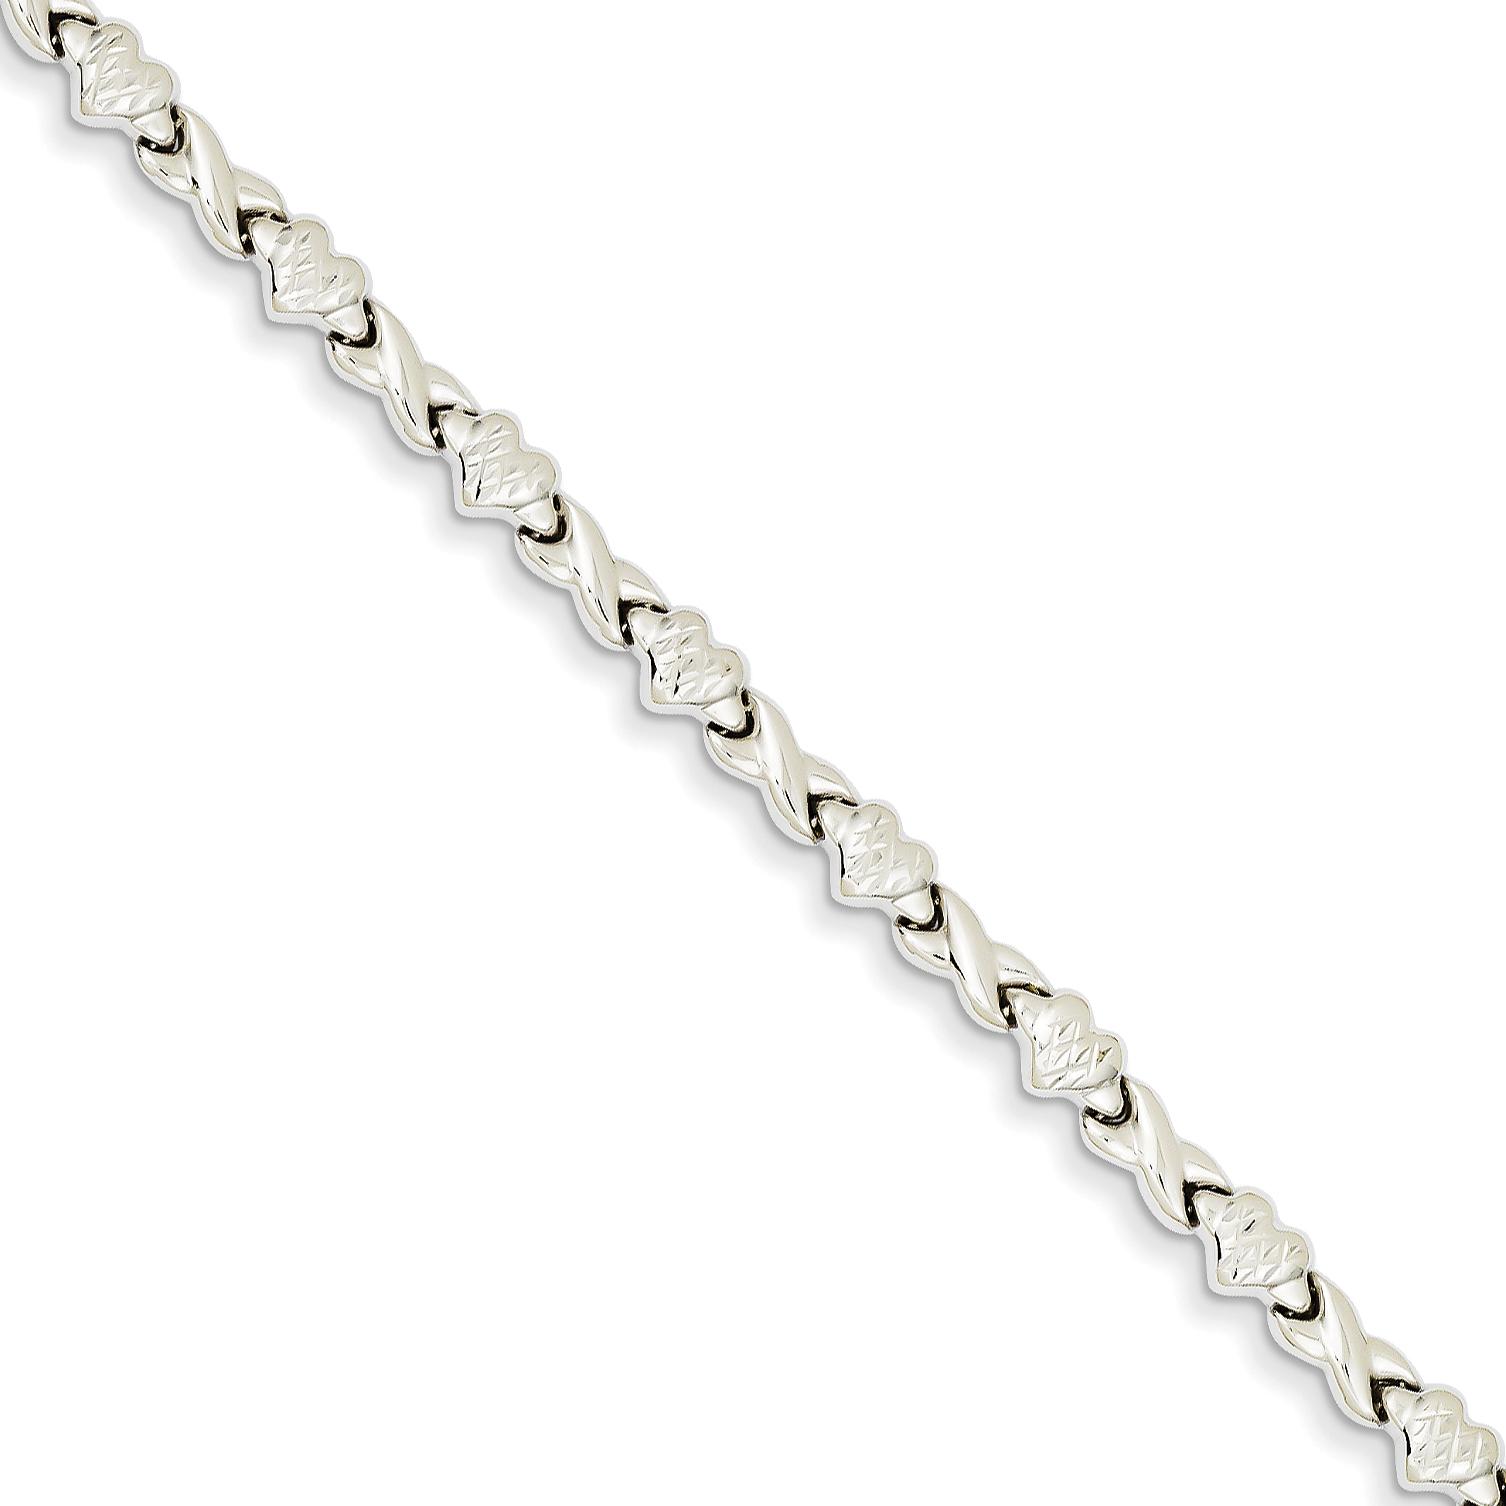 14kt White Gold Heart X Bracelet 7 Inch Love Fine Jewelry